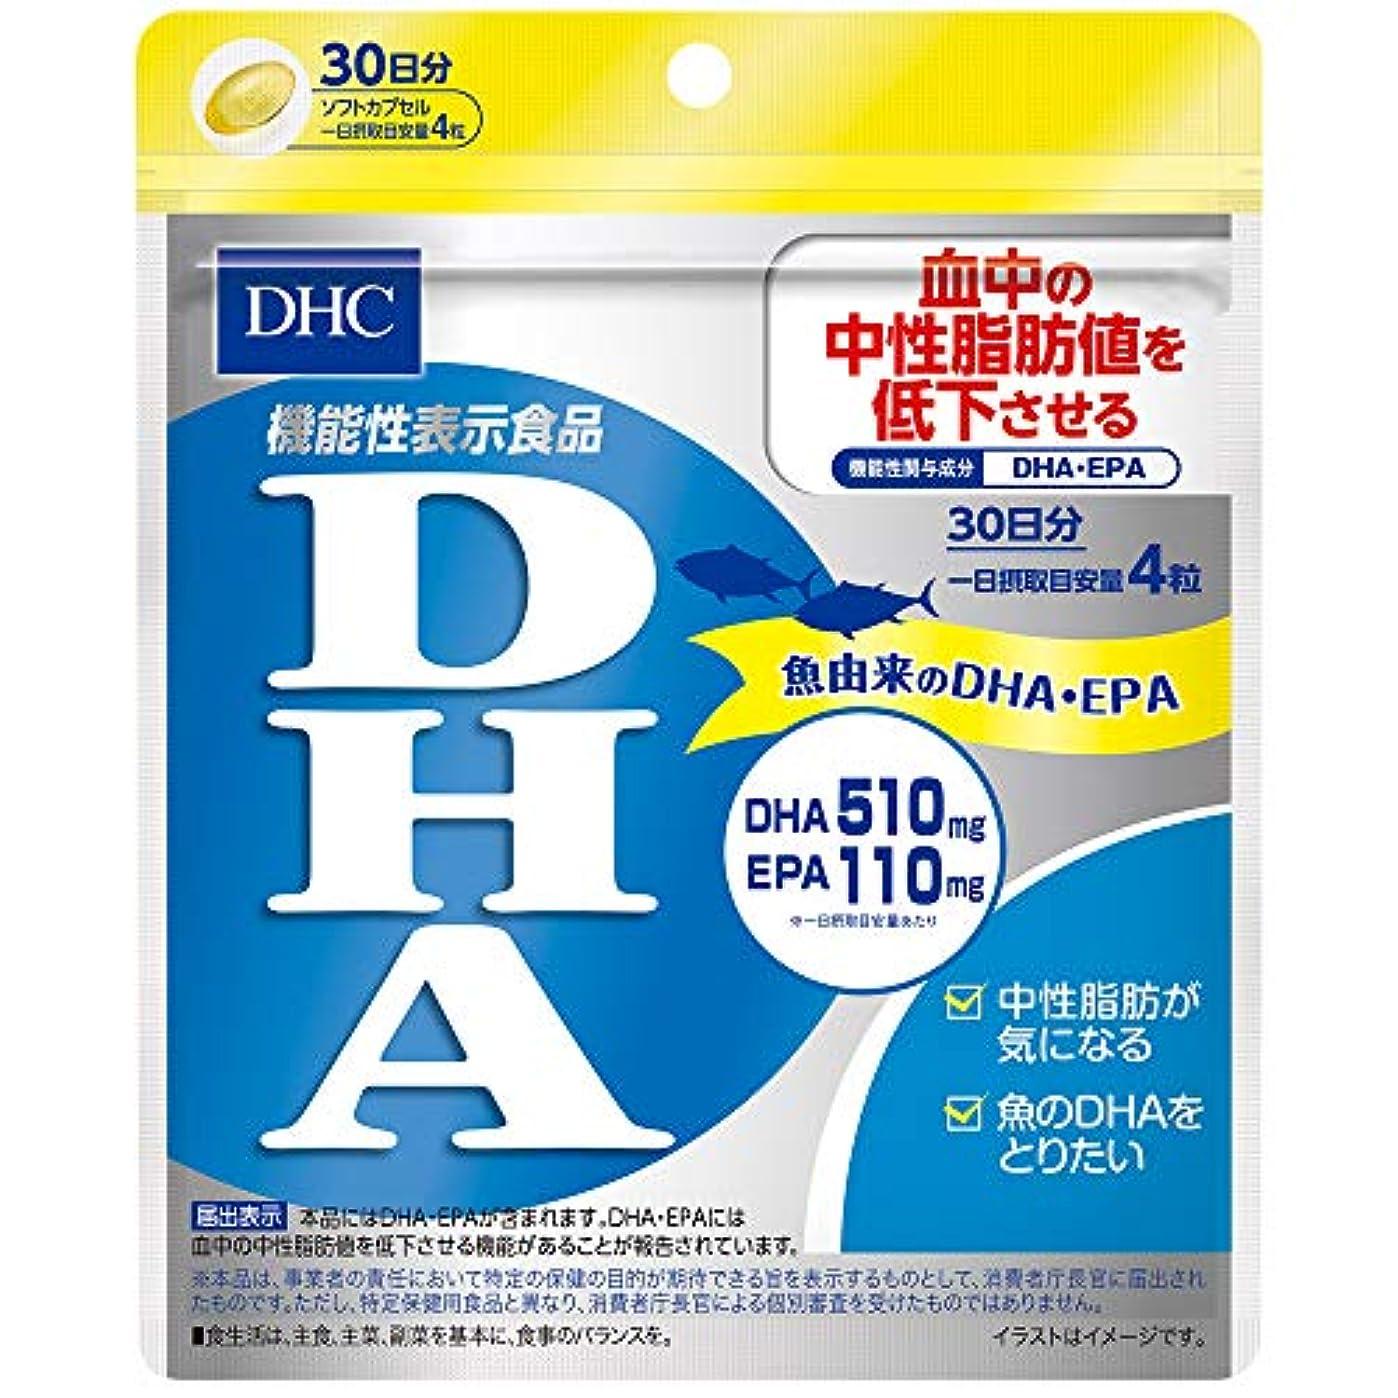 大きなスケールで見ると松の木罪DHC DHA 30日分 [機能性表示食品]